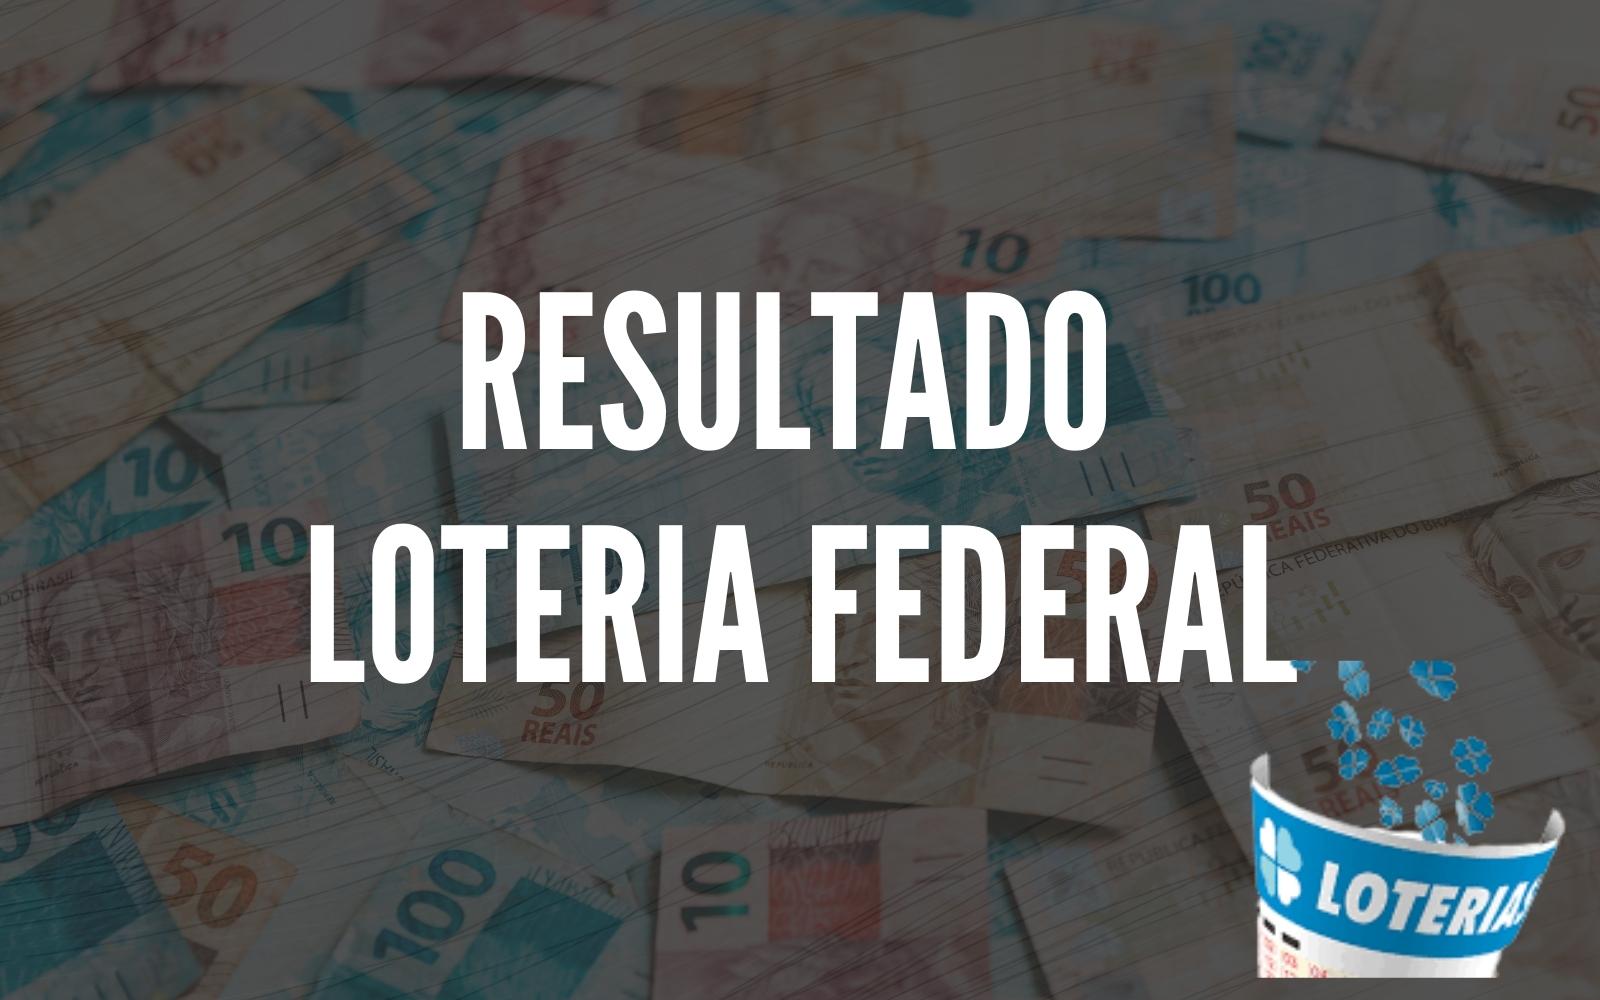 Resultado Loteria Federal 5607 de hoje, quarta-feira (20/10/21)